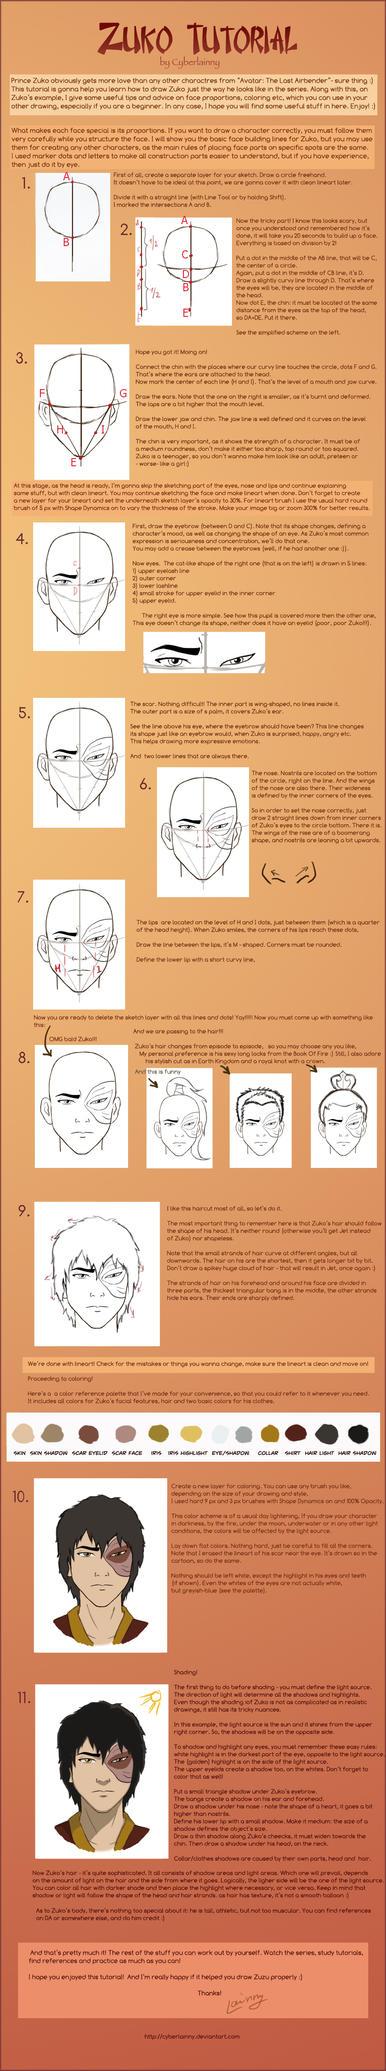 How To Draw Zuko-Tutorial by Lulu-Lomaki